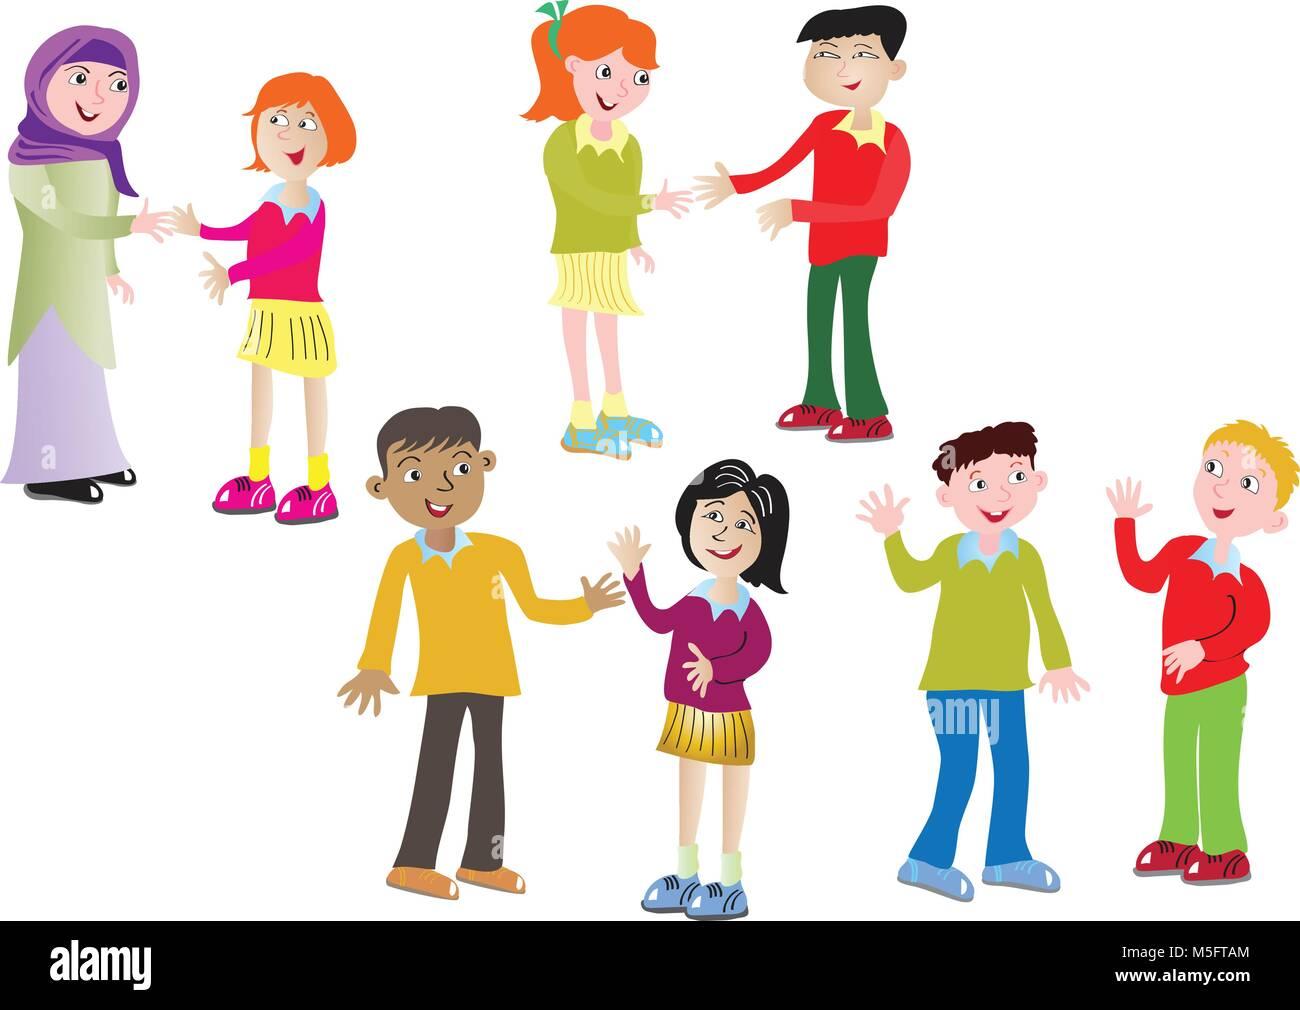 Ocho Niños De Dibujos Animados Y Otro Saludo Ilustración